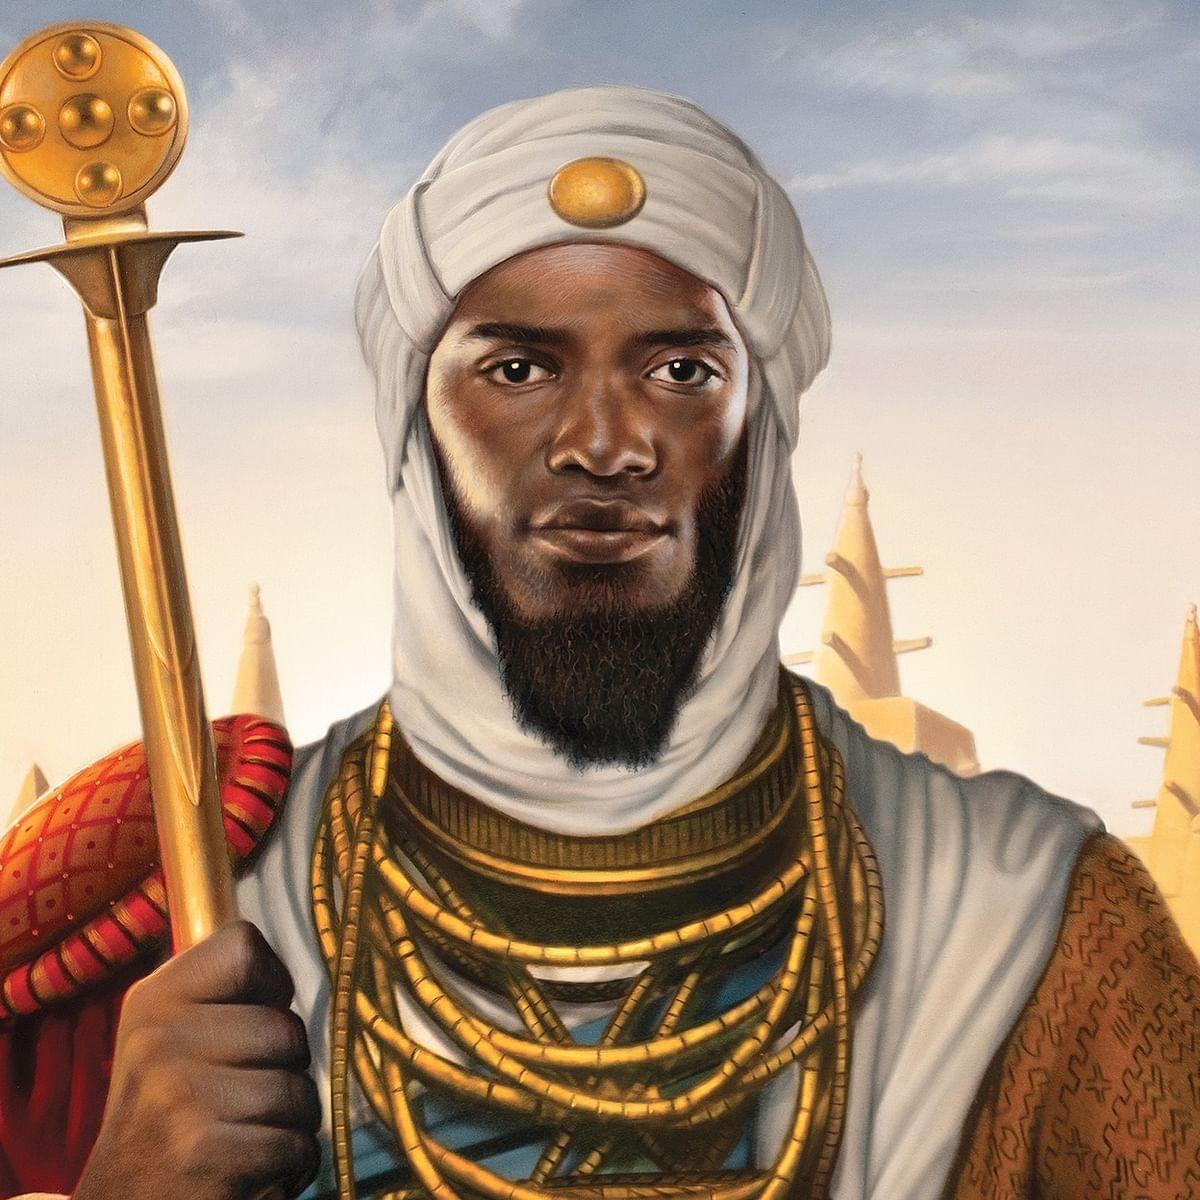 மான்ஸா மூஸா (Mansa Musa)